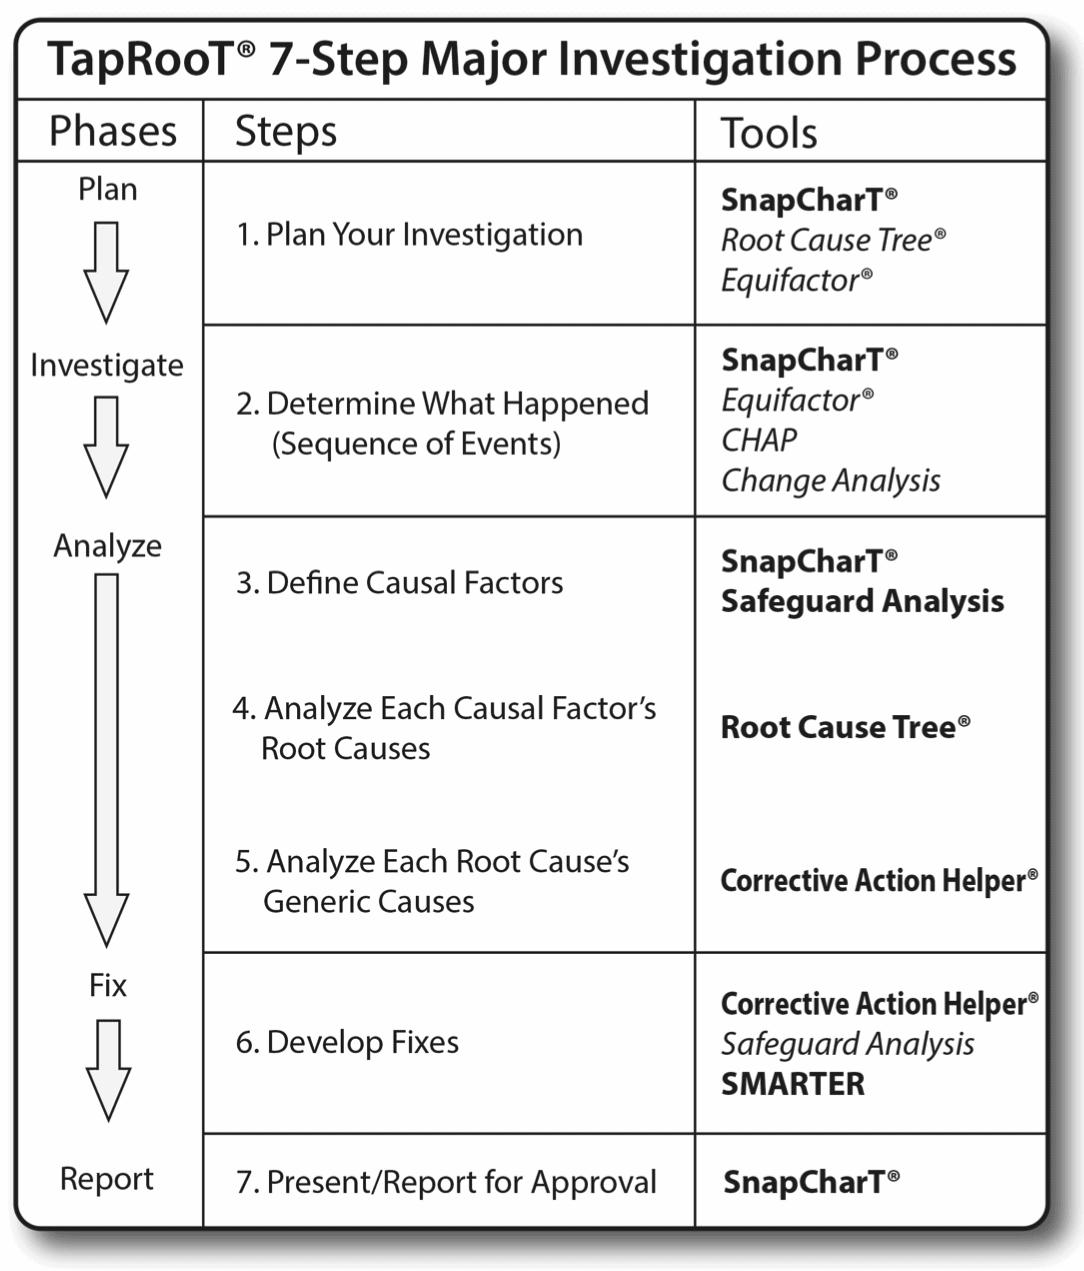 Major Investigations Process